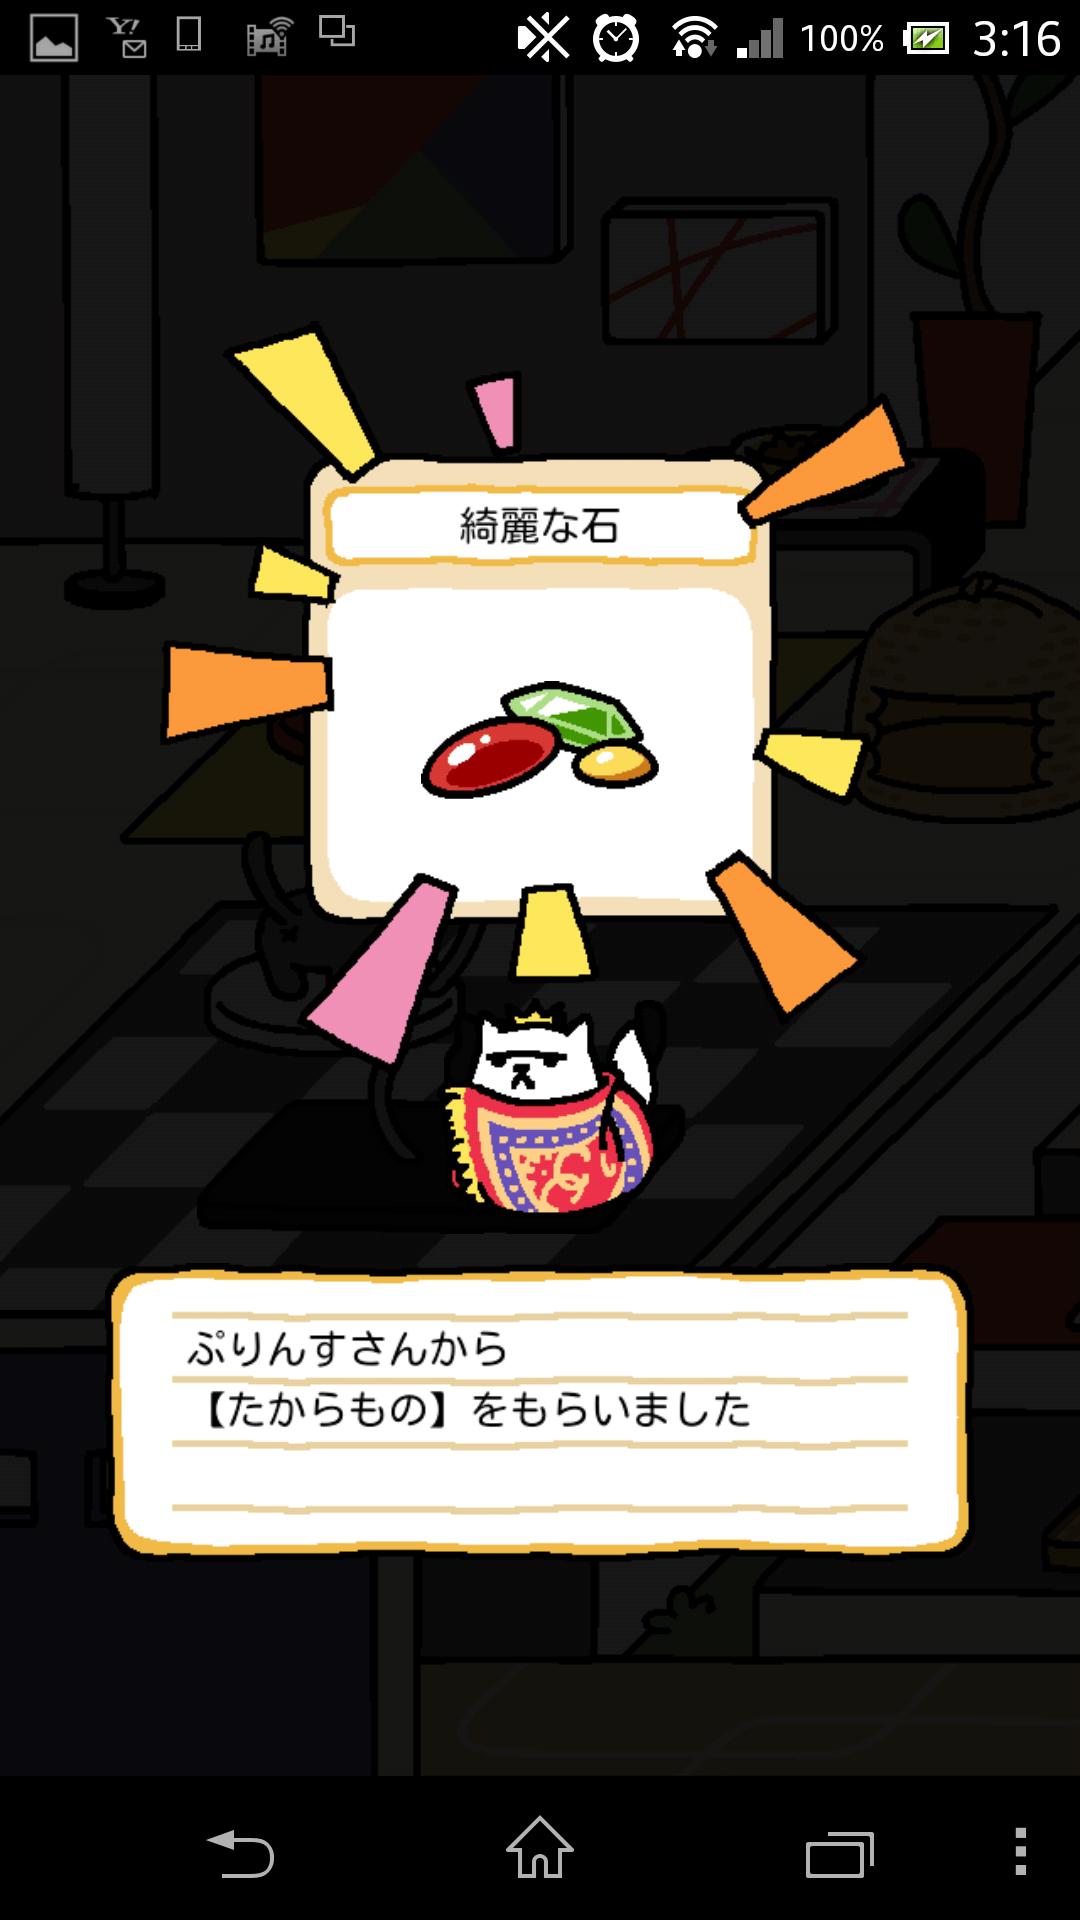 ぷりんす宝物②.png